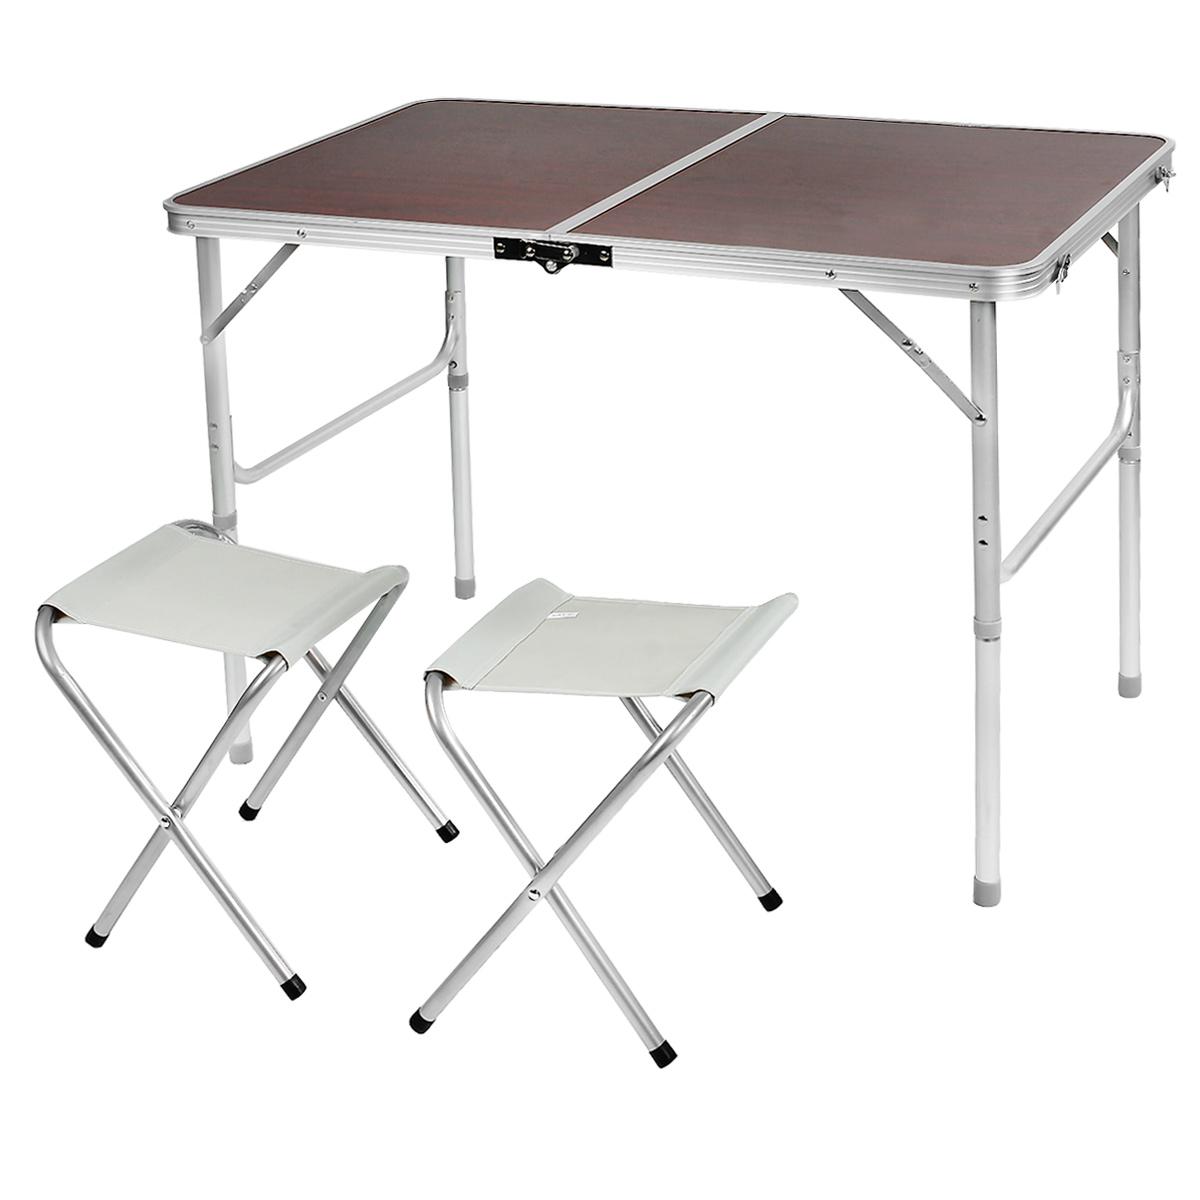 Набор складной мебели Happy Camper, 3 предметаNF-20208Стол складной Happy Camperс 2 стульями - это незаменимый предмет походной мебели, очень удобен в эксплуатации. Каркас складного стола выполнен из алюминия, а столешница из МДФ. Стол легко собирается и разбирается и не занимает много места, поэтому подходит для транспортировки и хранения дома. Складывается в виде чемоданчика.Характеристики: Материал ножек: алюминий. Материал поверхности: МДФ. Размеры в разложенном виде: 98 см х 61 см х 66 см. Размеры в сложенном виде: 61 см х 6,6 см х 49 см.